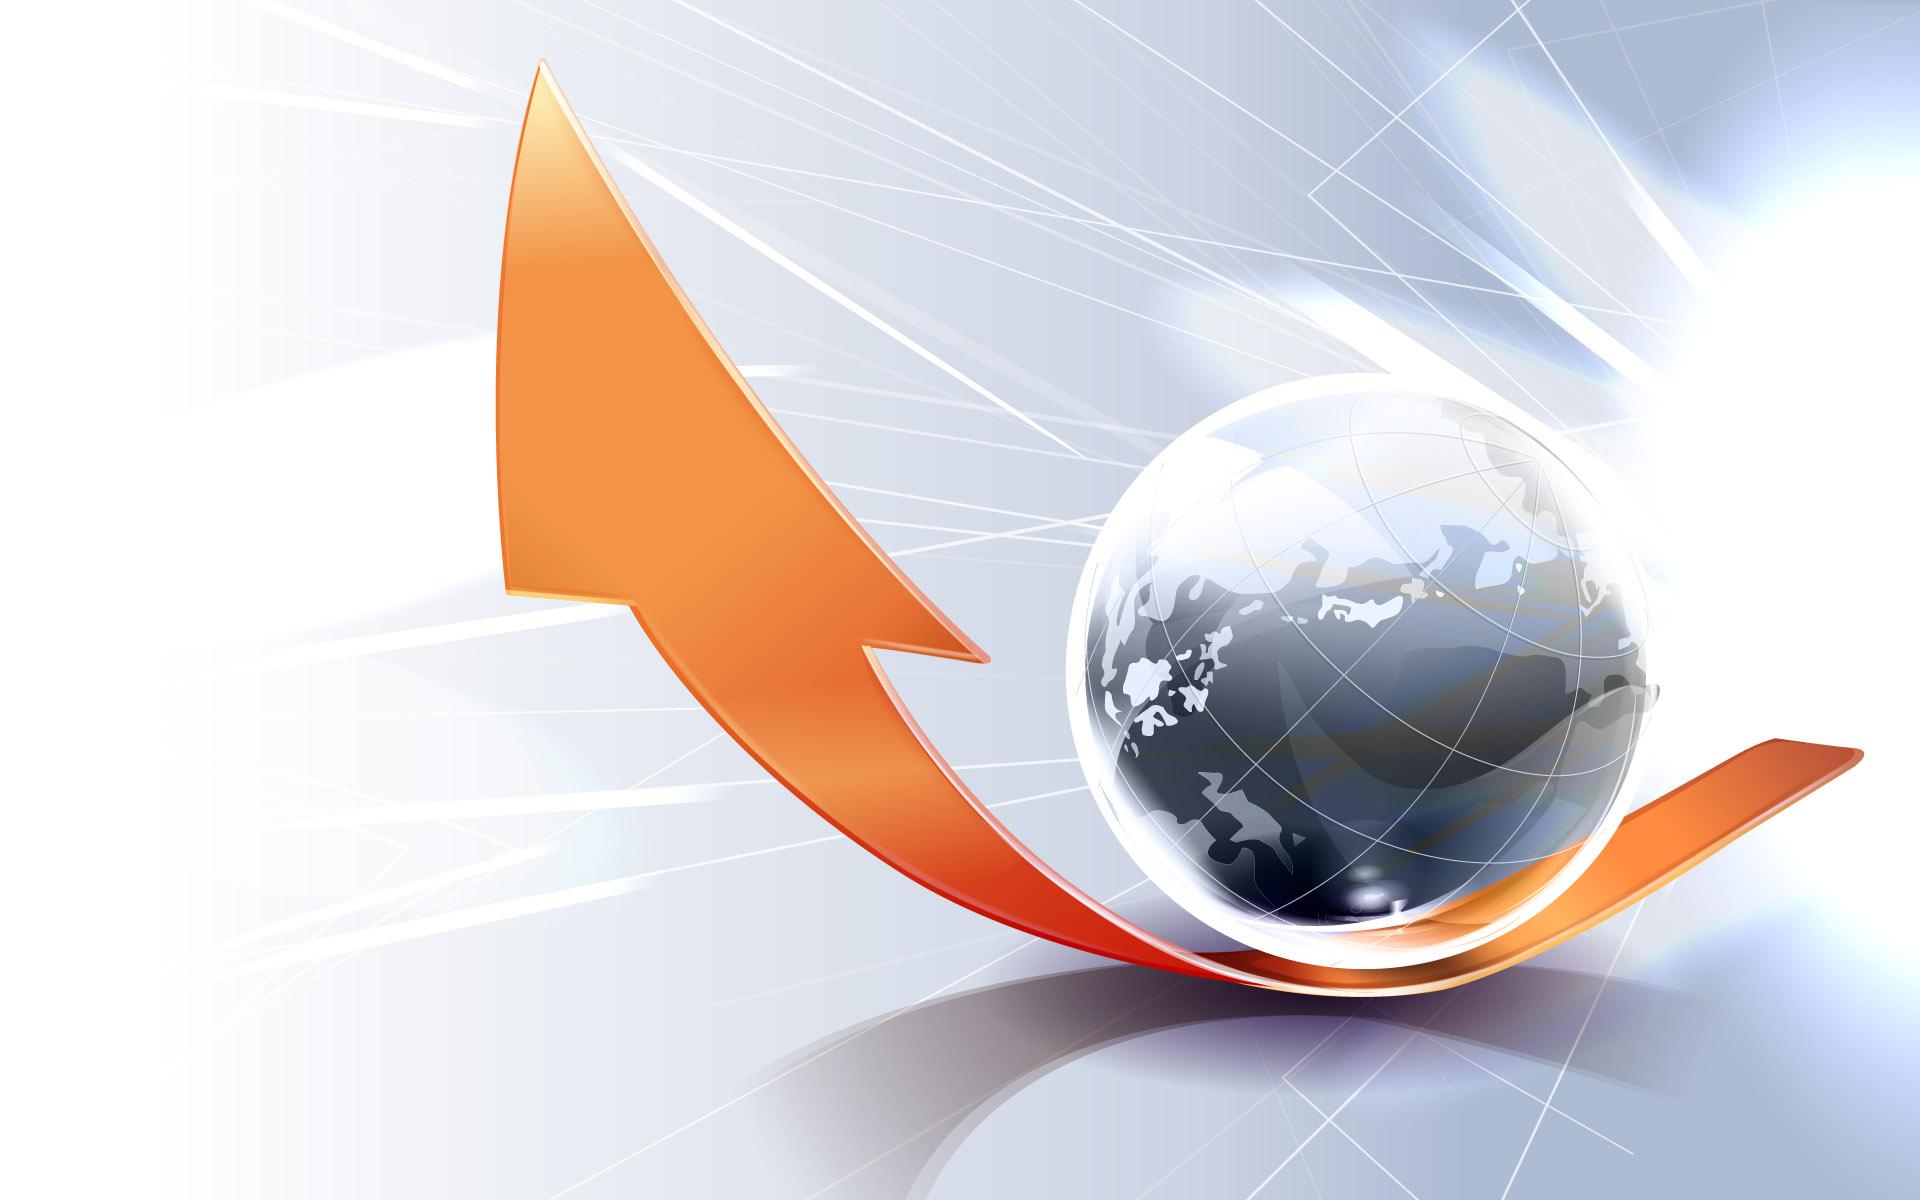 Беспечная раскрутка сайта поисковое продвижение создать топик создание интернет сайта продвижение веб сайтов мы делаем эффективные сайты